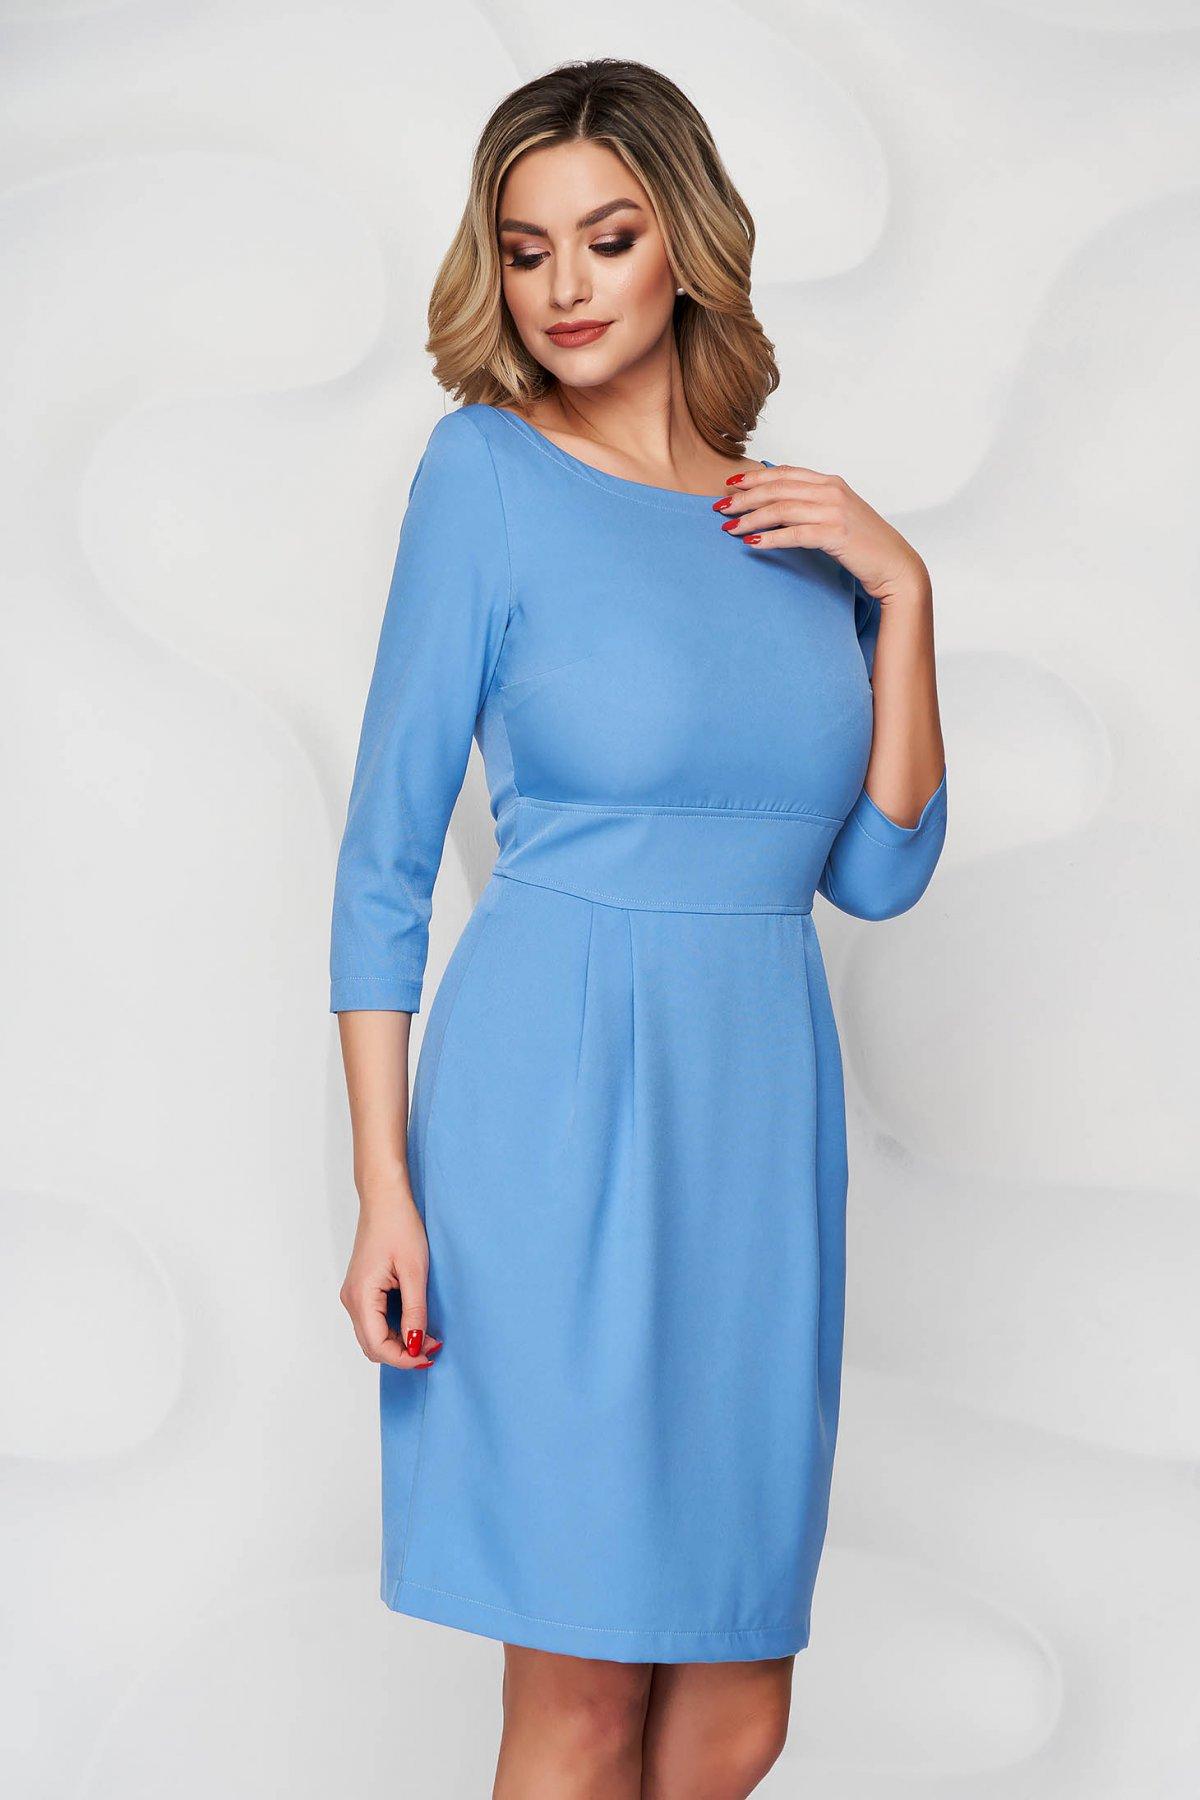 Rochie StarShinerS albastra scurta din stofa usor elastica cu croi in a si buzunare - medelin.ro